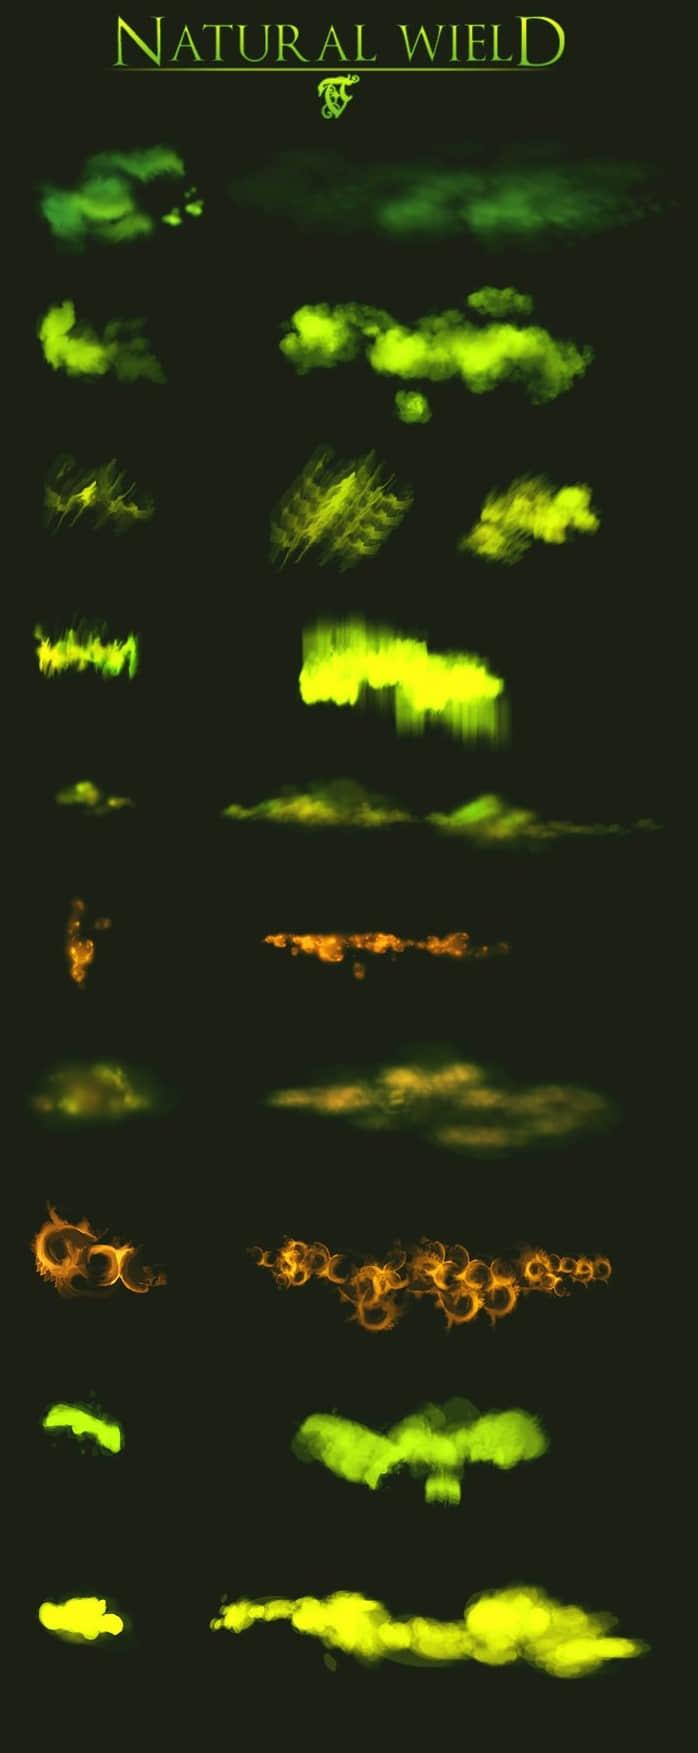 Photoshop烟雾效果、浓雾、极光特效笔刷 雾气笔刷 烟雾笔刷 浓雾笔刷 极光笔刷  flame brushes light brushes